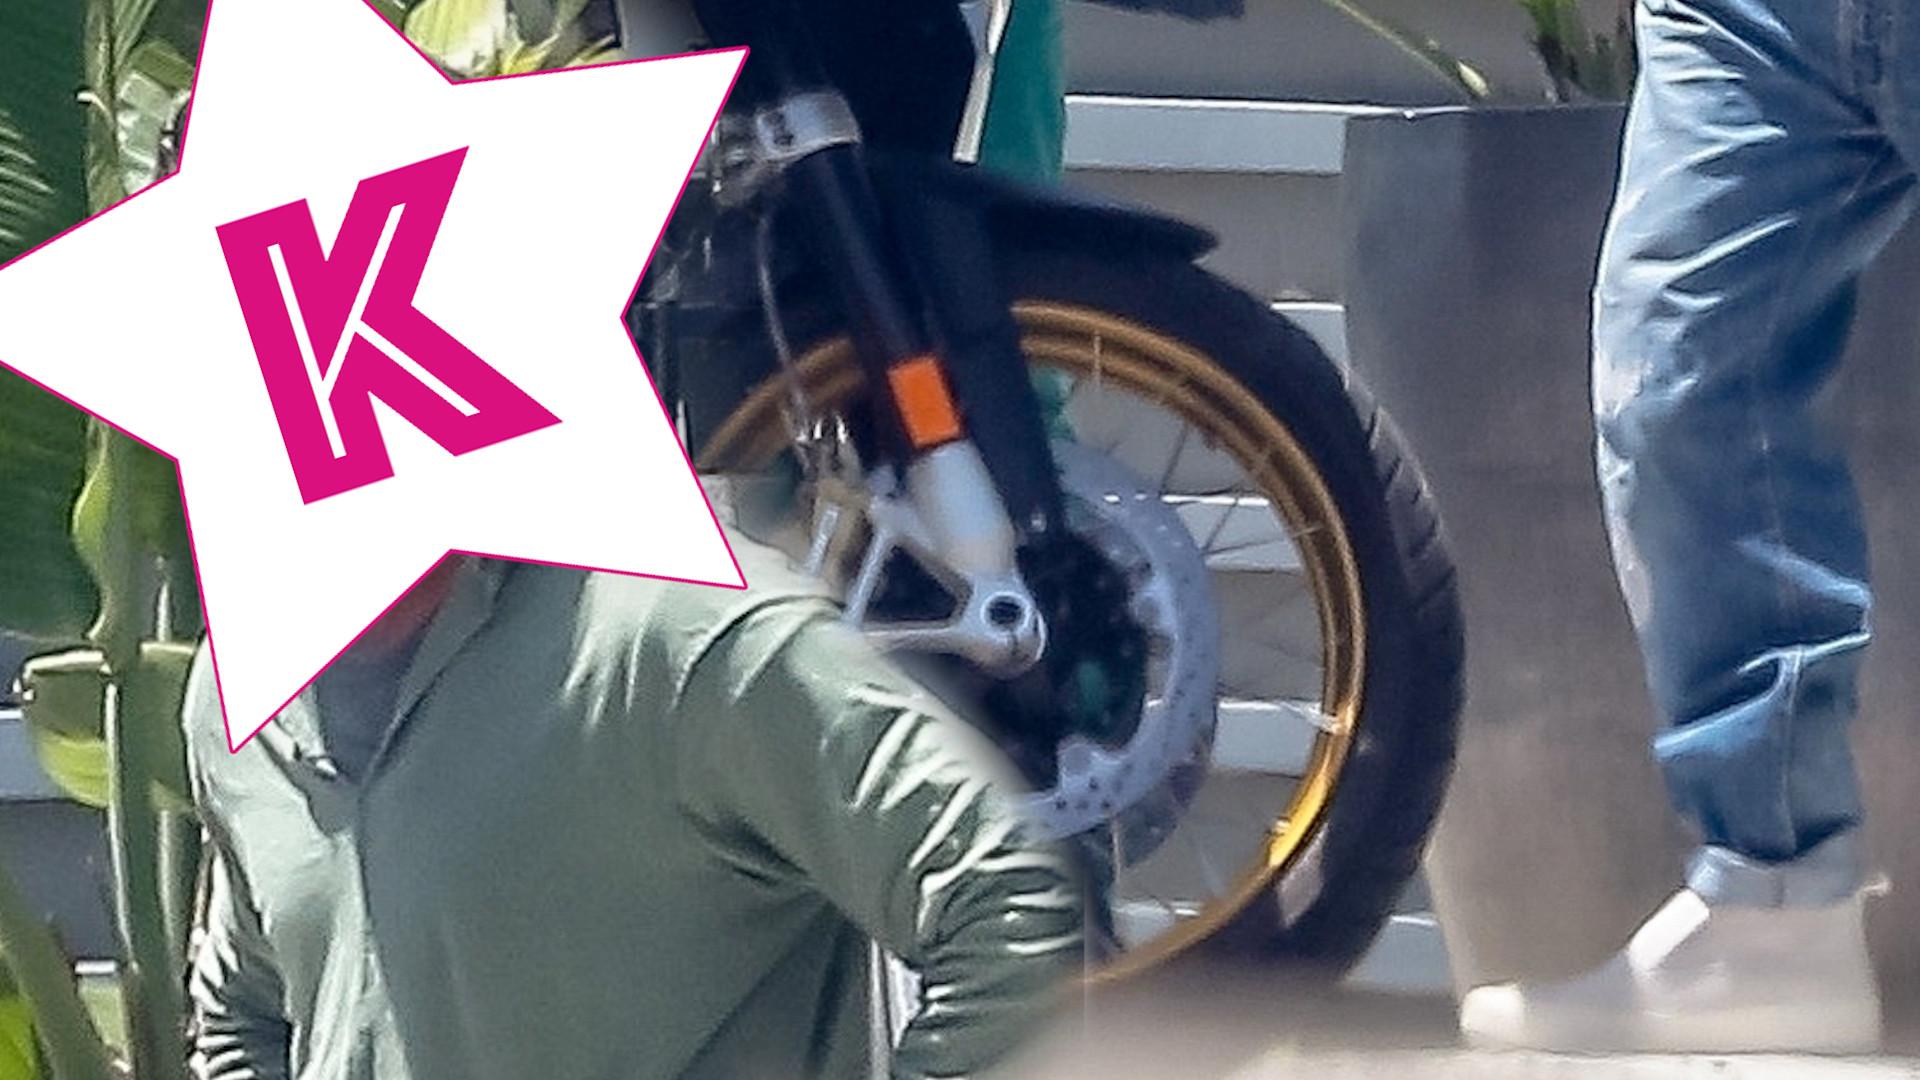 Dawno niewidziany Brad Pitt. Ogląda nowy motor kumpla z zespołu Red Hot Chili Peppers. (ZDJĘCIA)